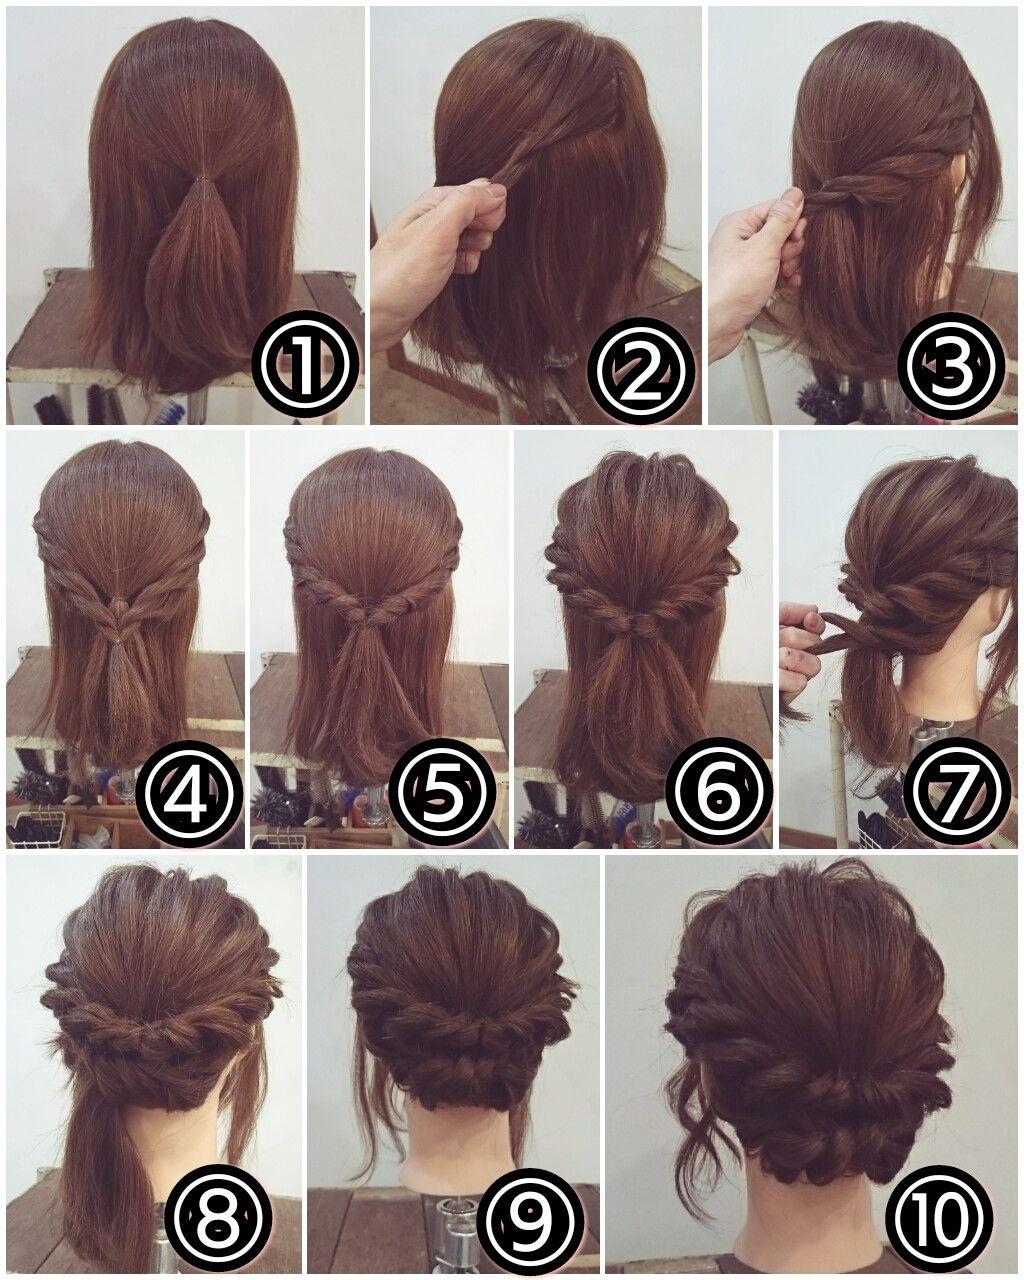 pin by amber best on hair style | feltűzött frizura, esküvői